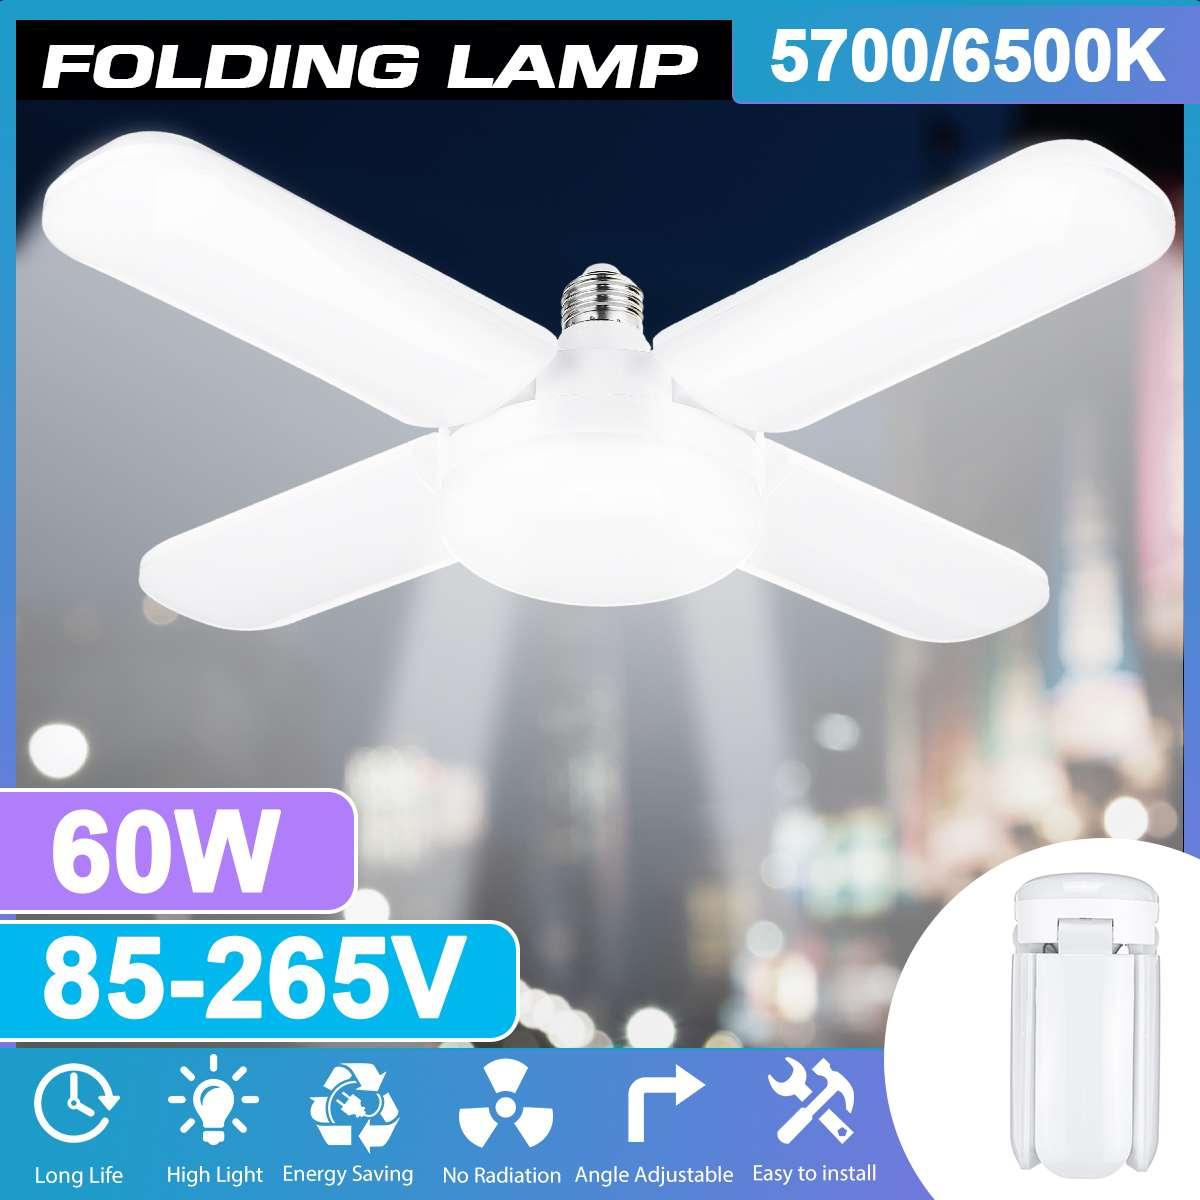 Super Bright Industrial Lighting 60W E27 Led Fan Garage Light 6500LM 85-265V 2835 Led High Bay Industrial Lamp For Workshop